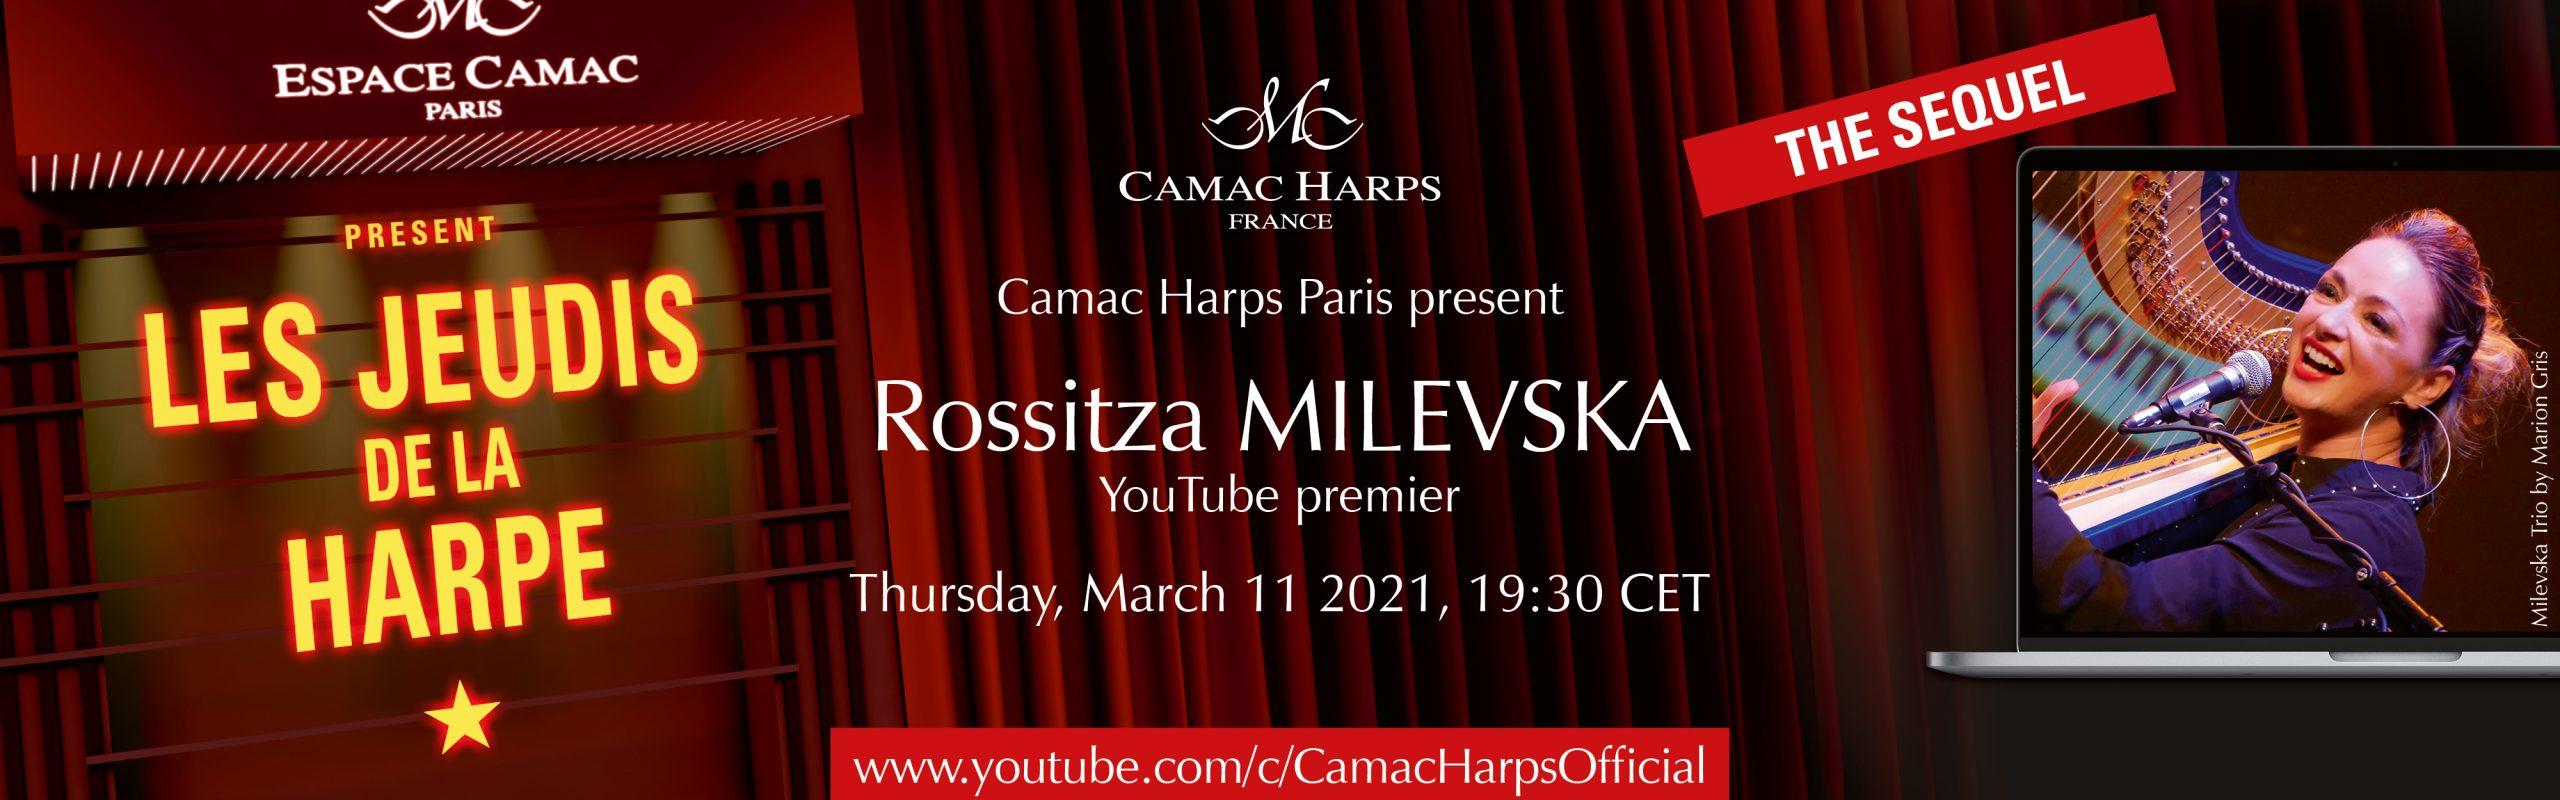 Les Jeudis de la Harpe : Rossitza Milevska